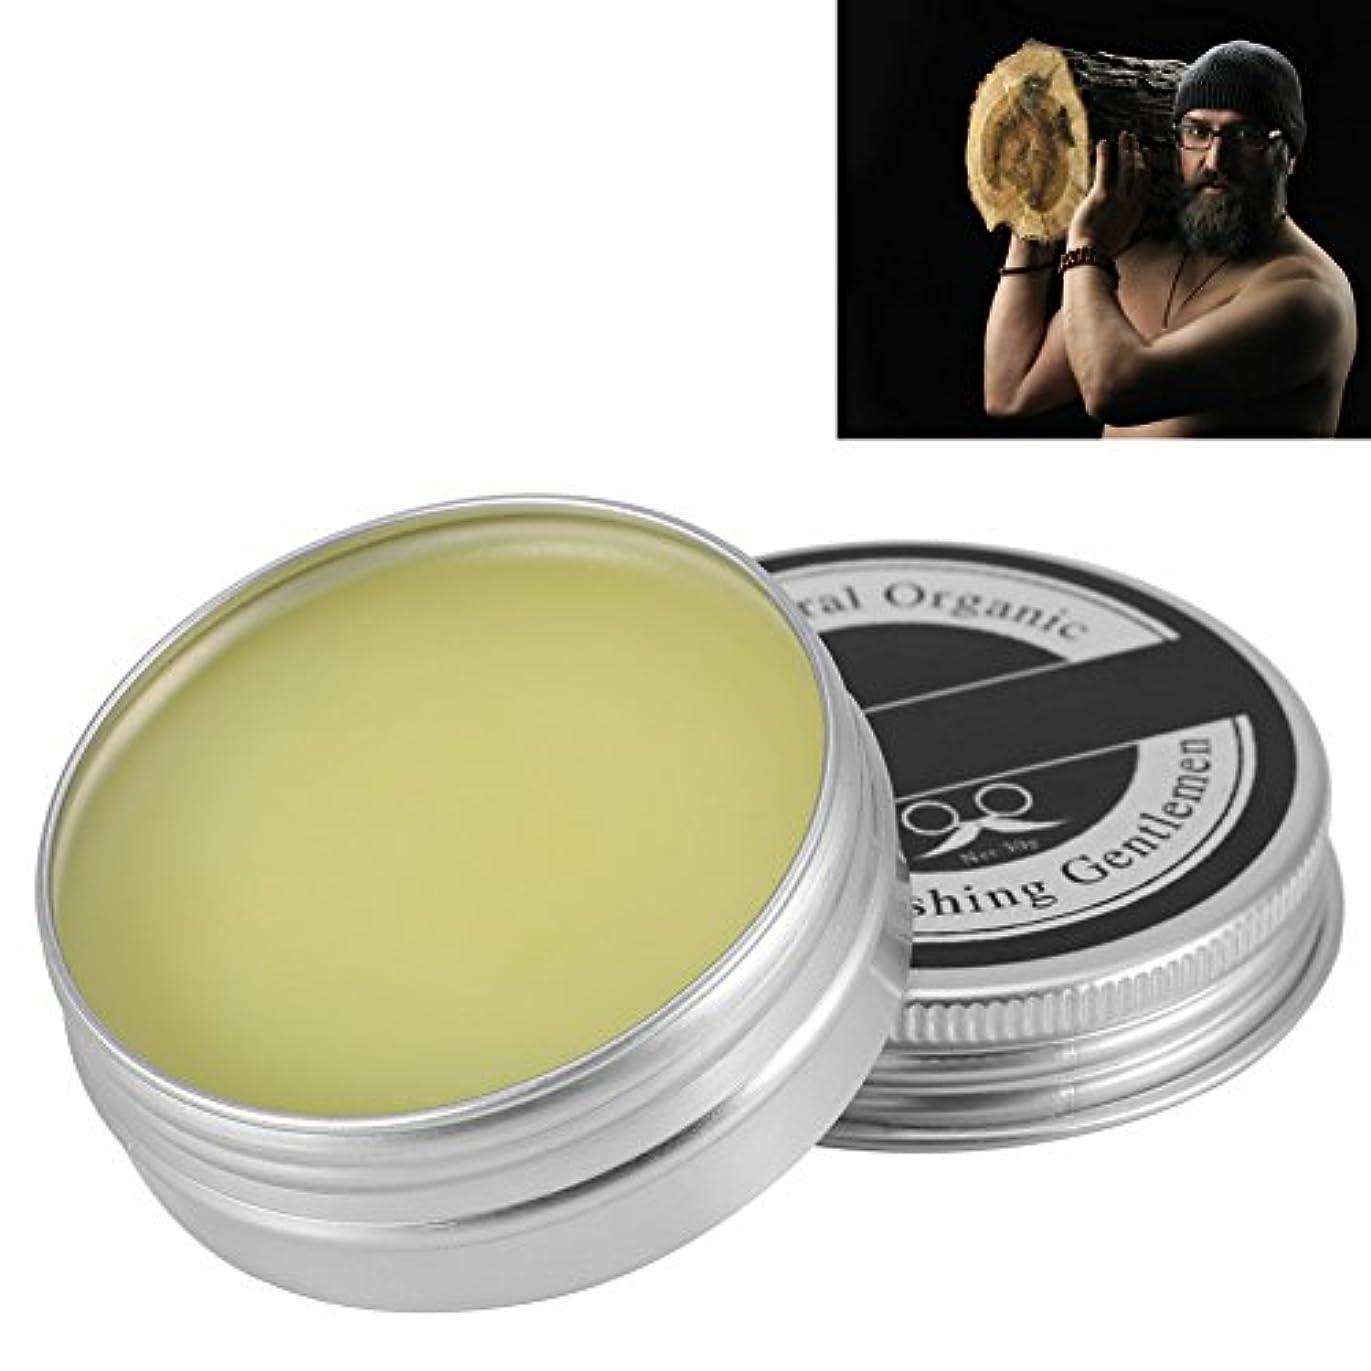 の間に謝る女性メンズひげワックス  ひげクリーム 口髭用ワックス  保湿/滋養/ひげ根のケアなどの効果  ひげケア必需品 携帯便利